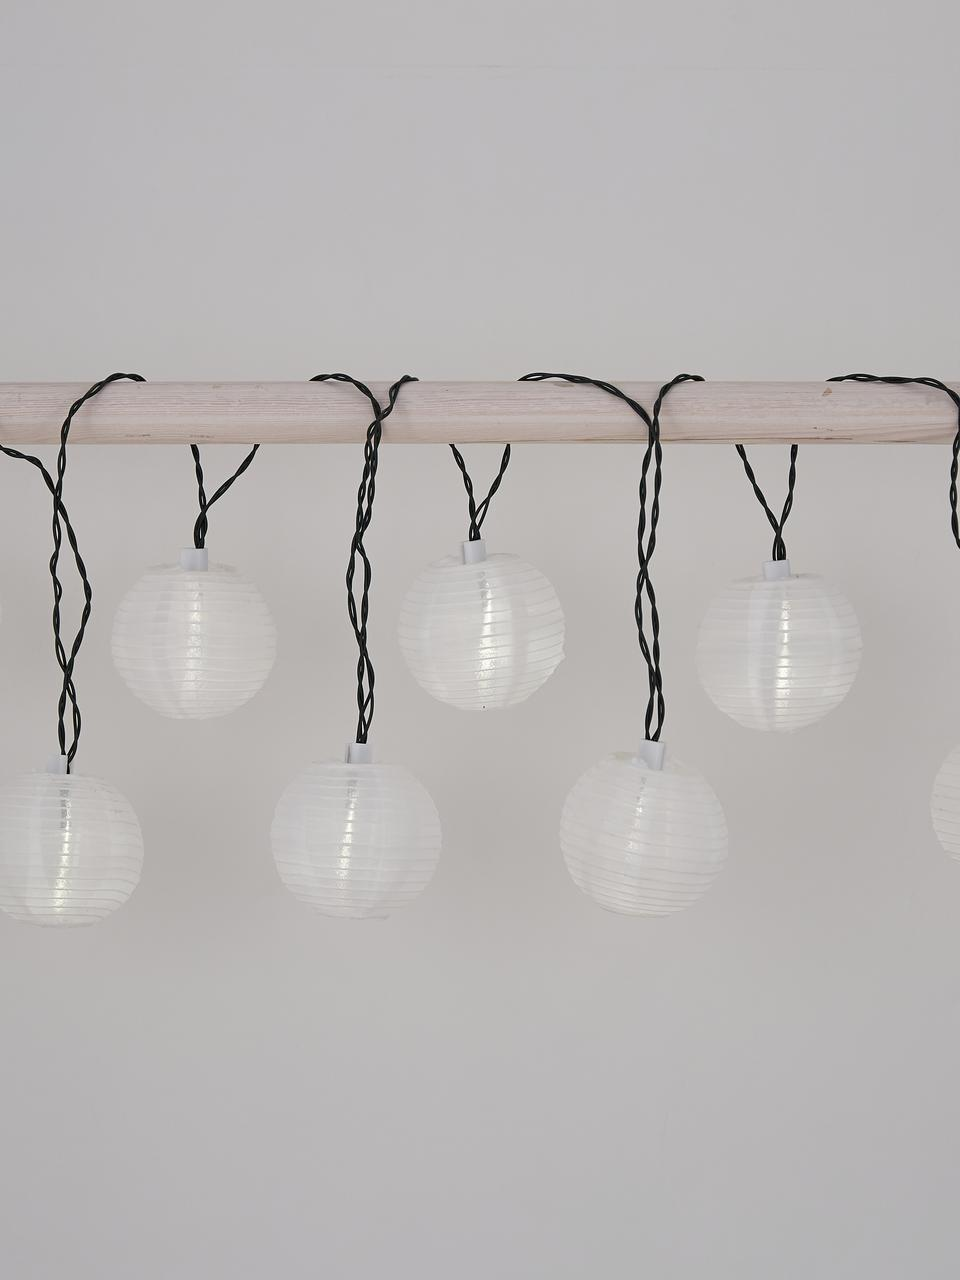 Solární světelný LED řetěz Kosmos, 430 cm, Černá, bílá